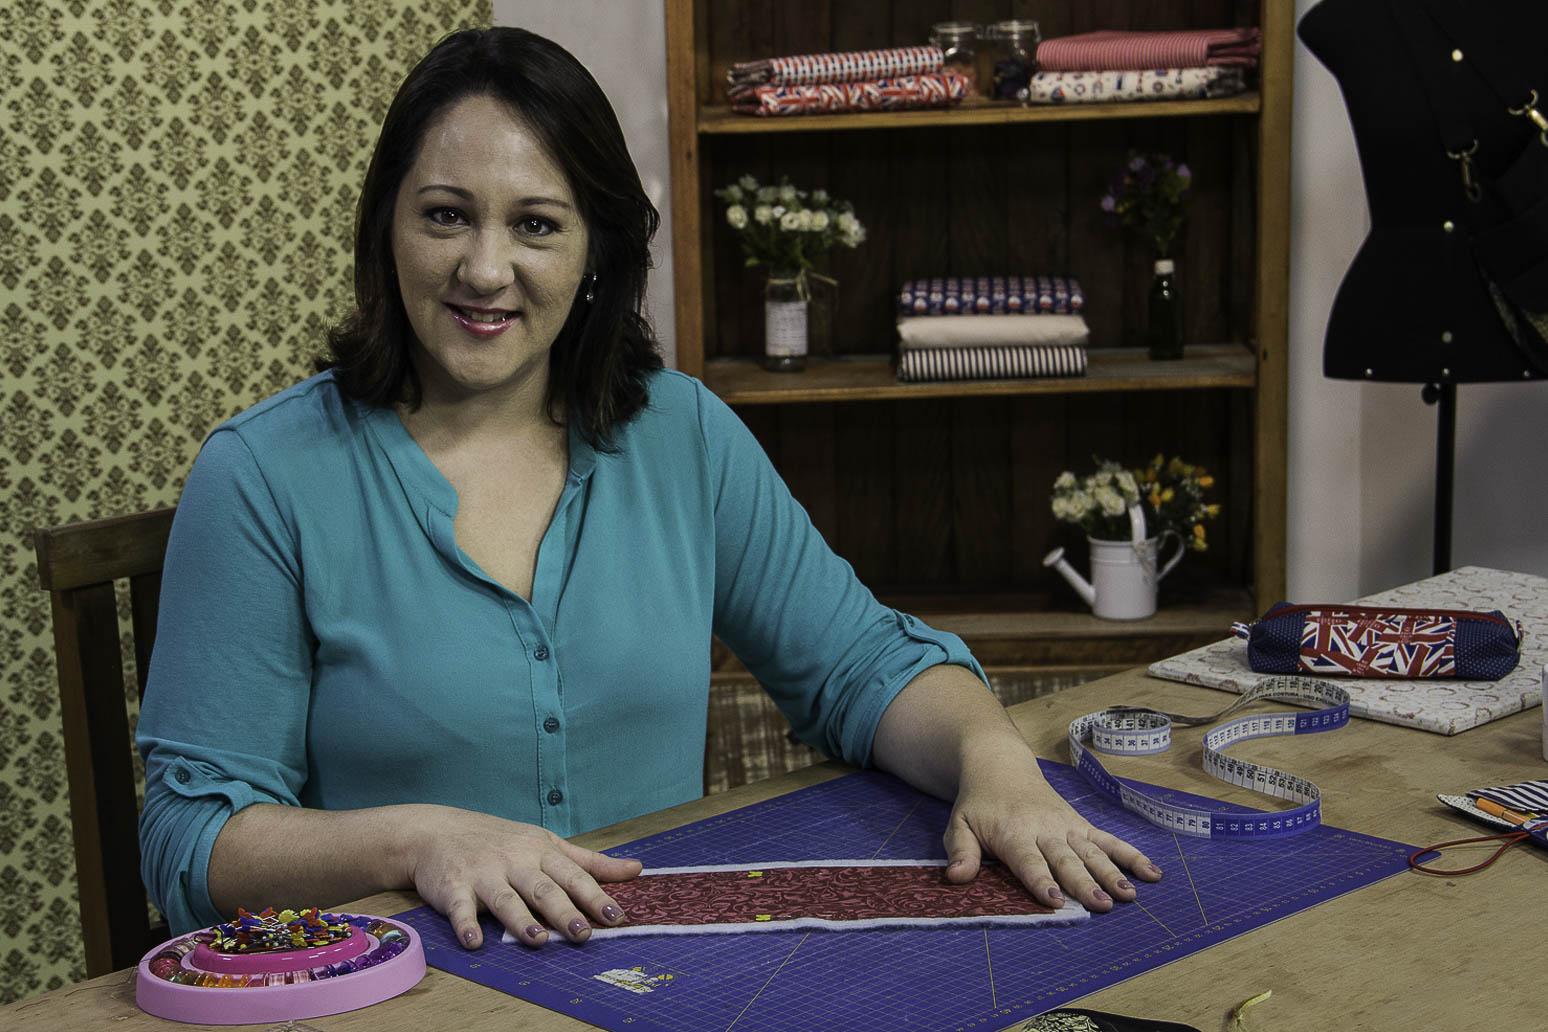 Marcia Satiko criou coragem, largou o emprego fixo e hoje é expert de artesanato na eduK